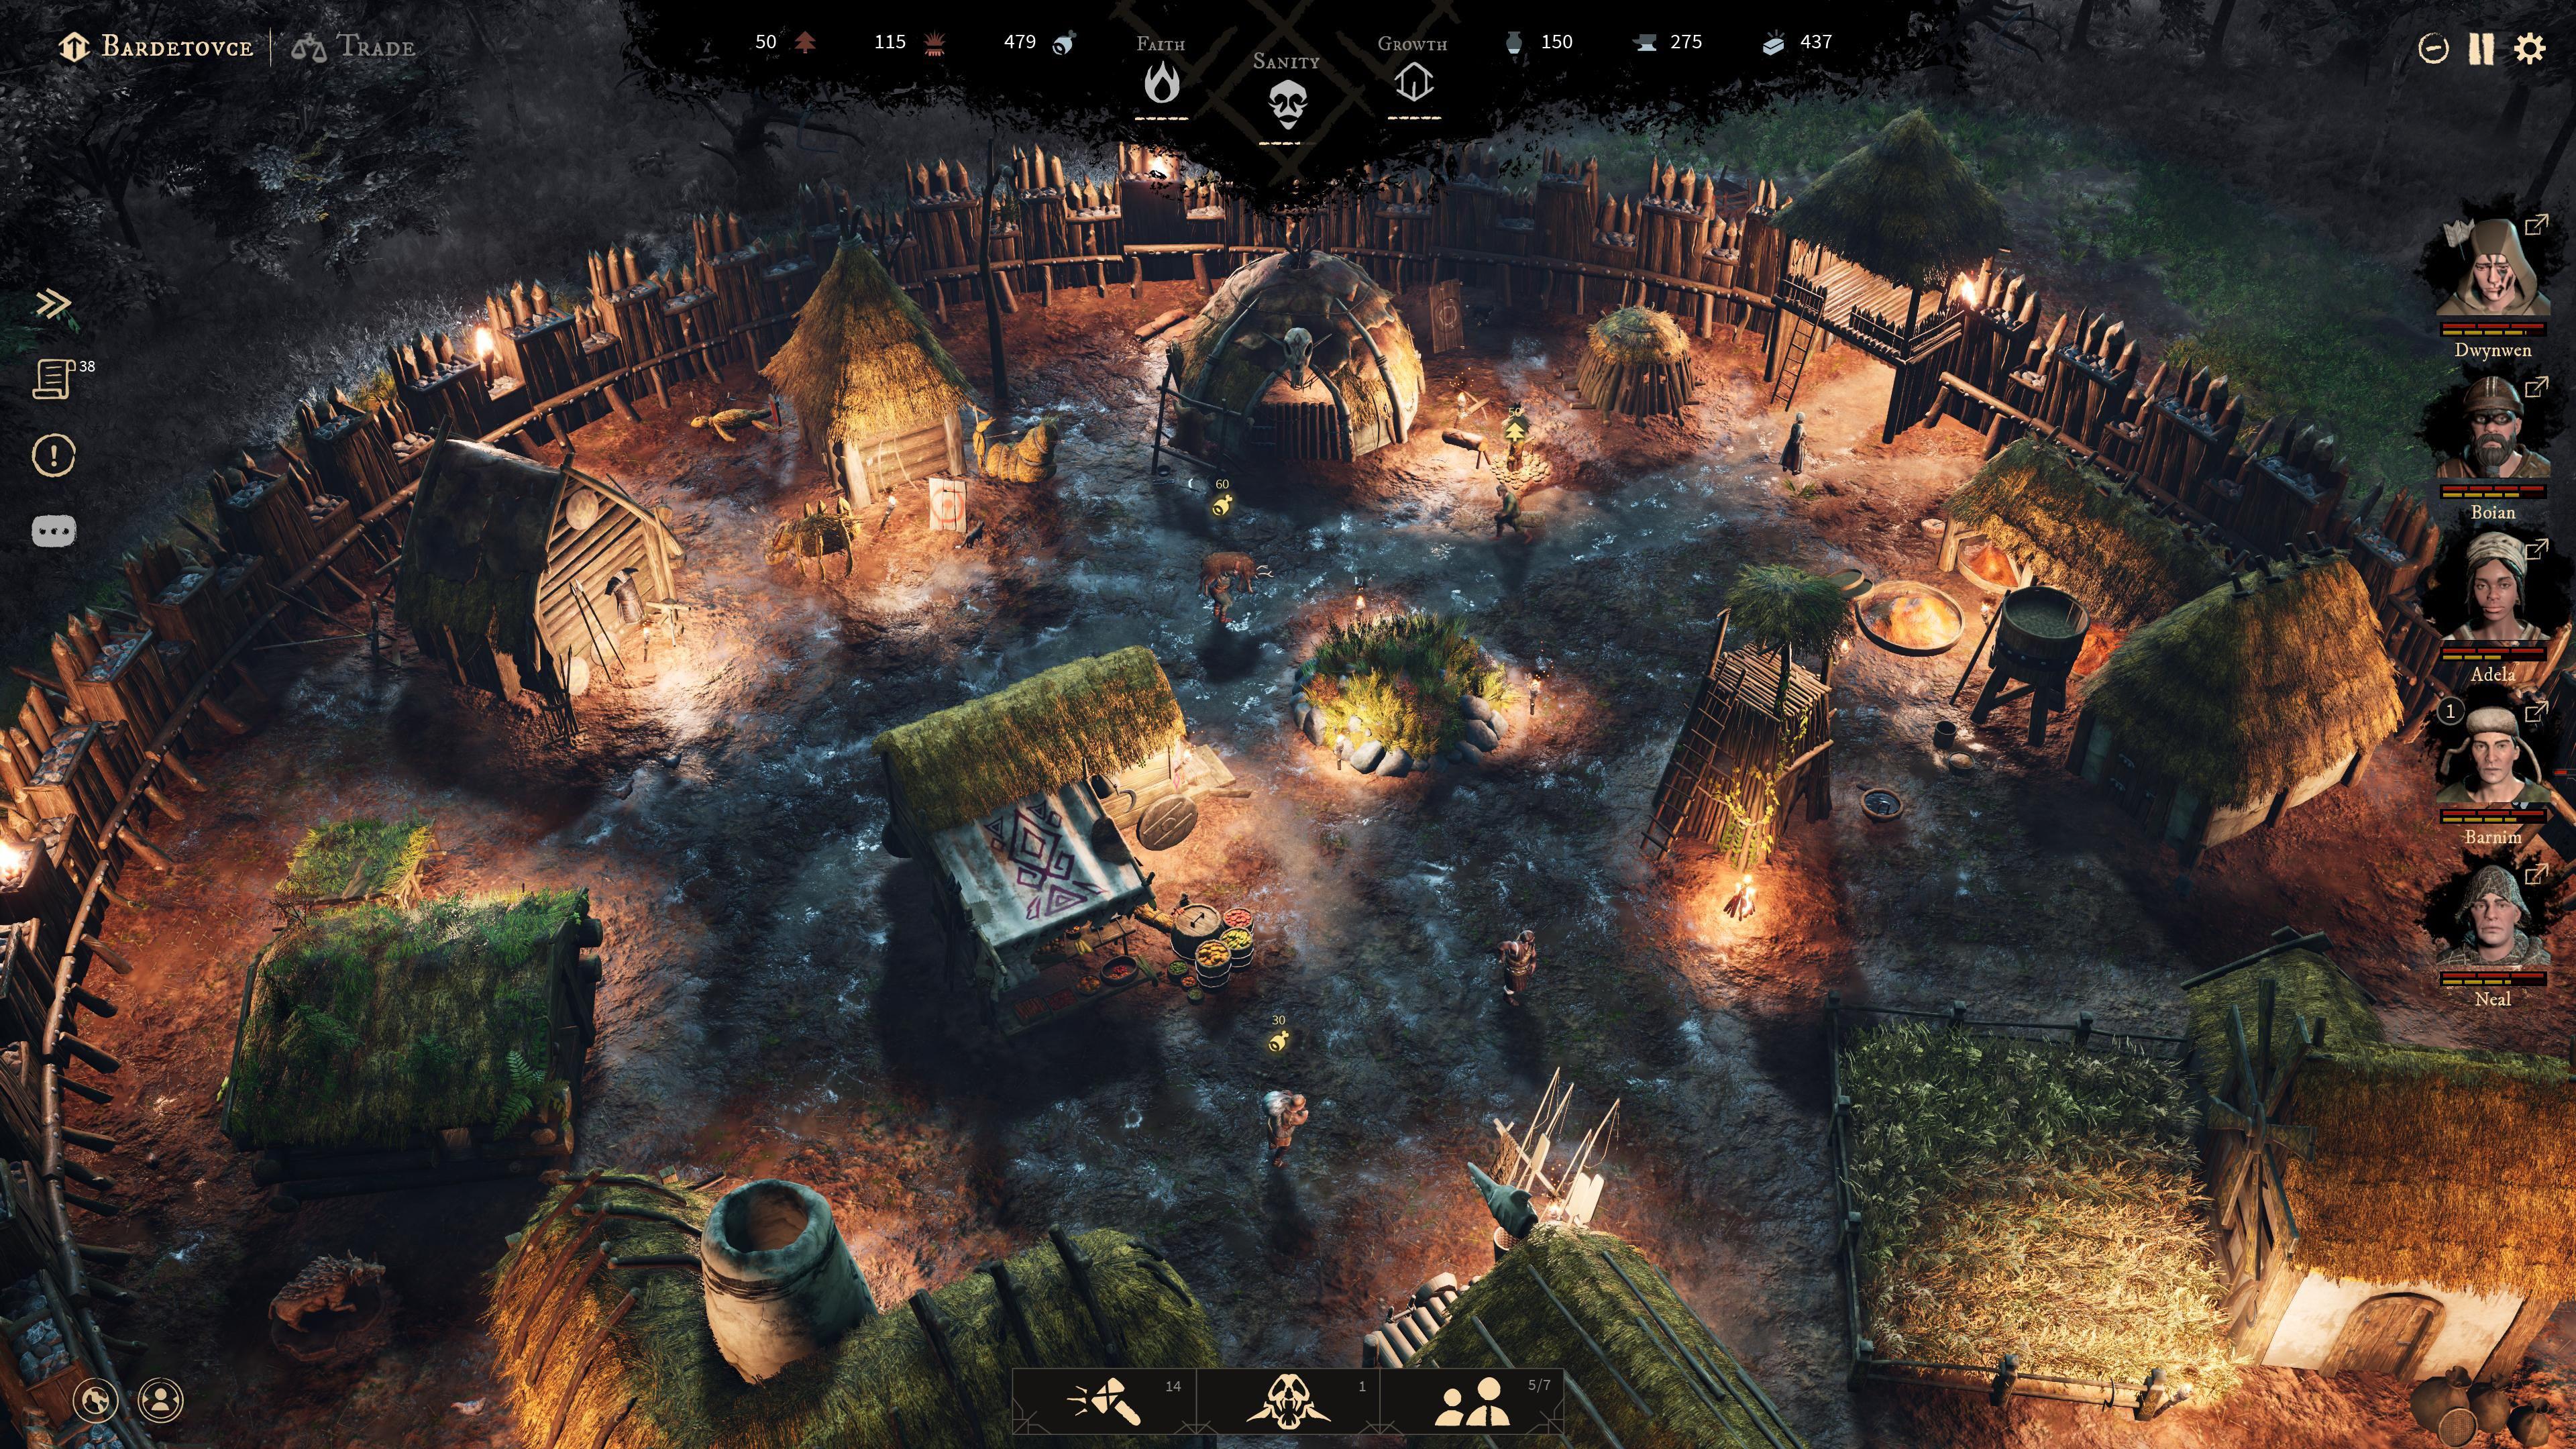 Game mới từ nhóm các nhà phát triển từng làm The Witcher 3: kết hợp phiêu lưu và quản lý thành phố, thế giới tăm tối chẳng khác gì quê Geralt - Ảnh 2.